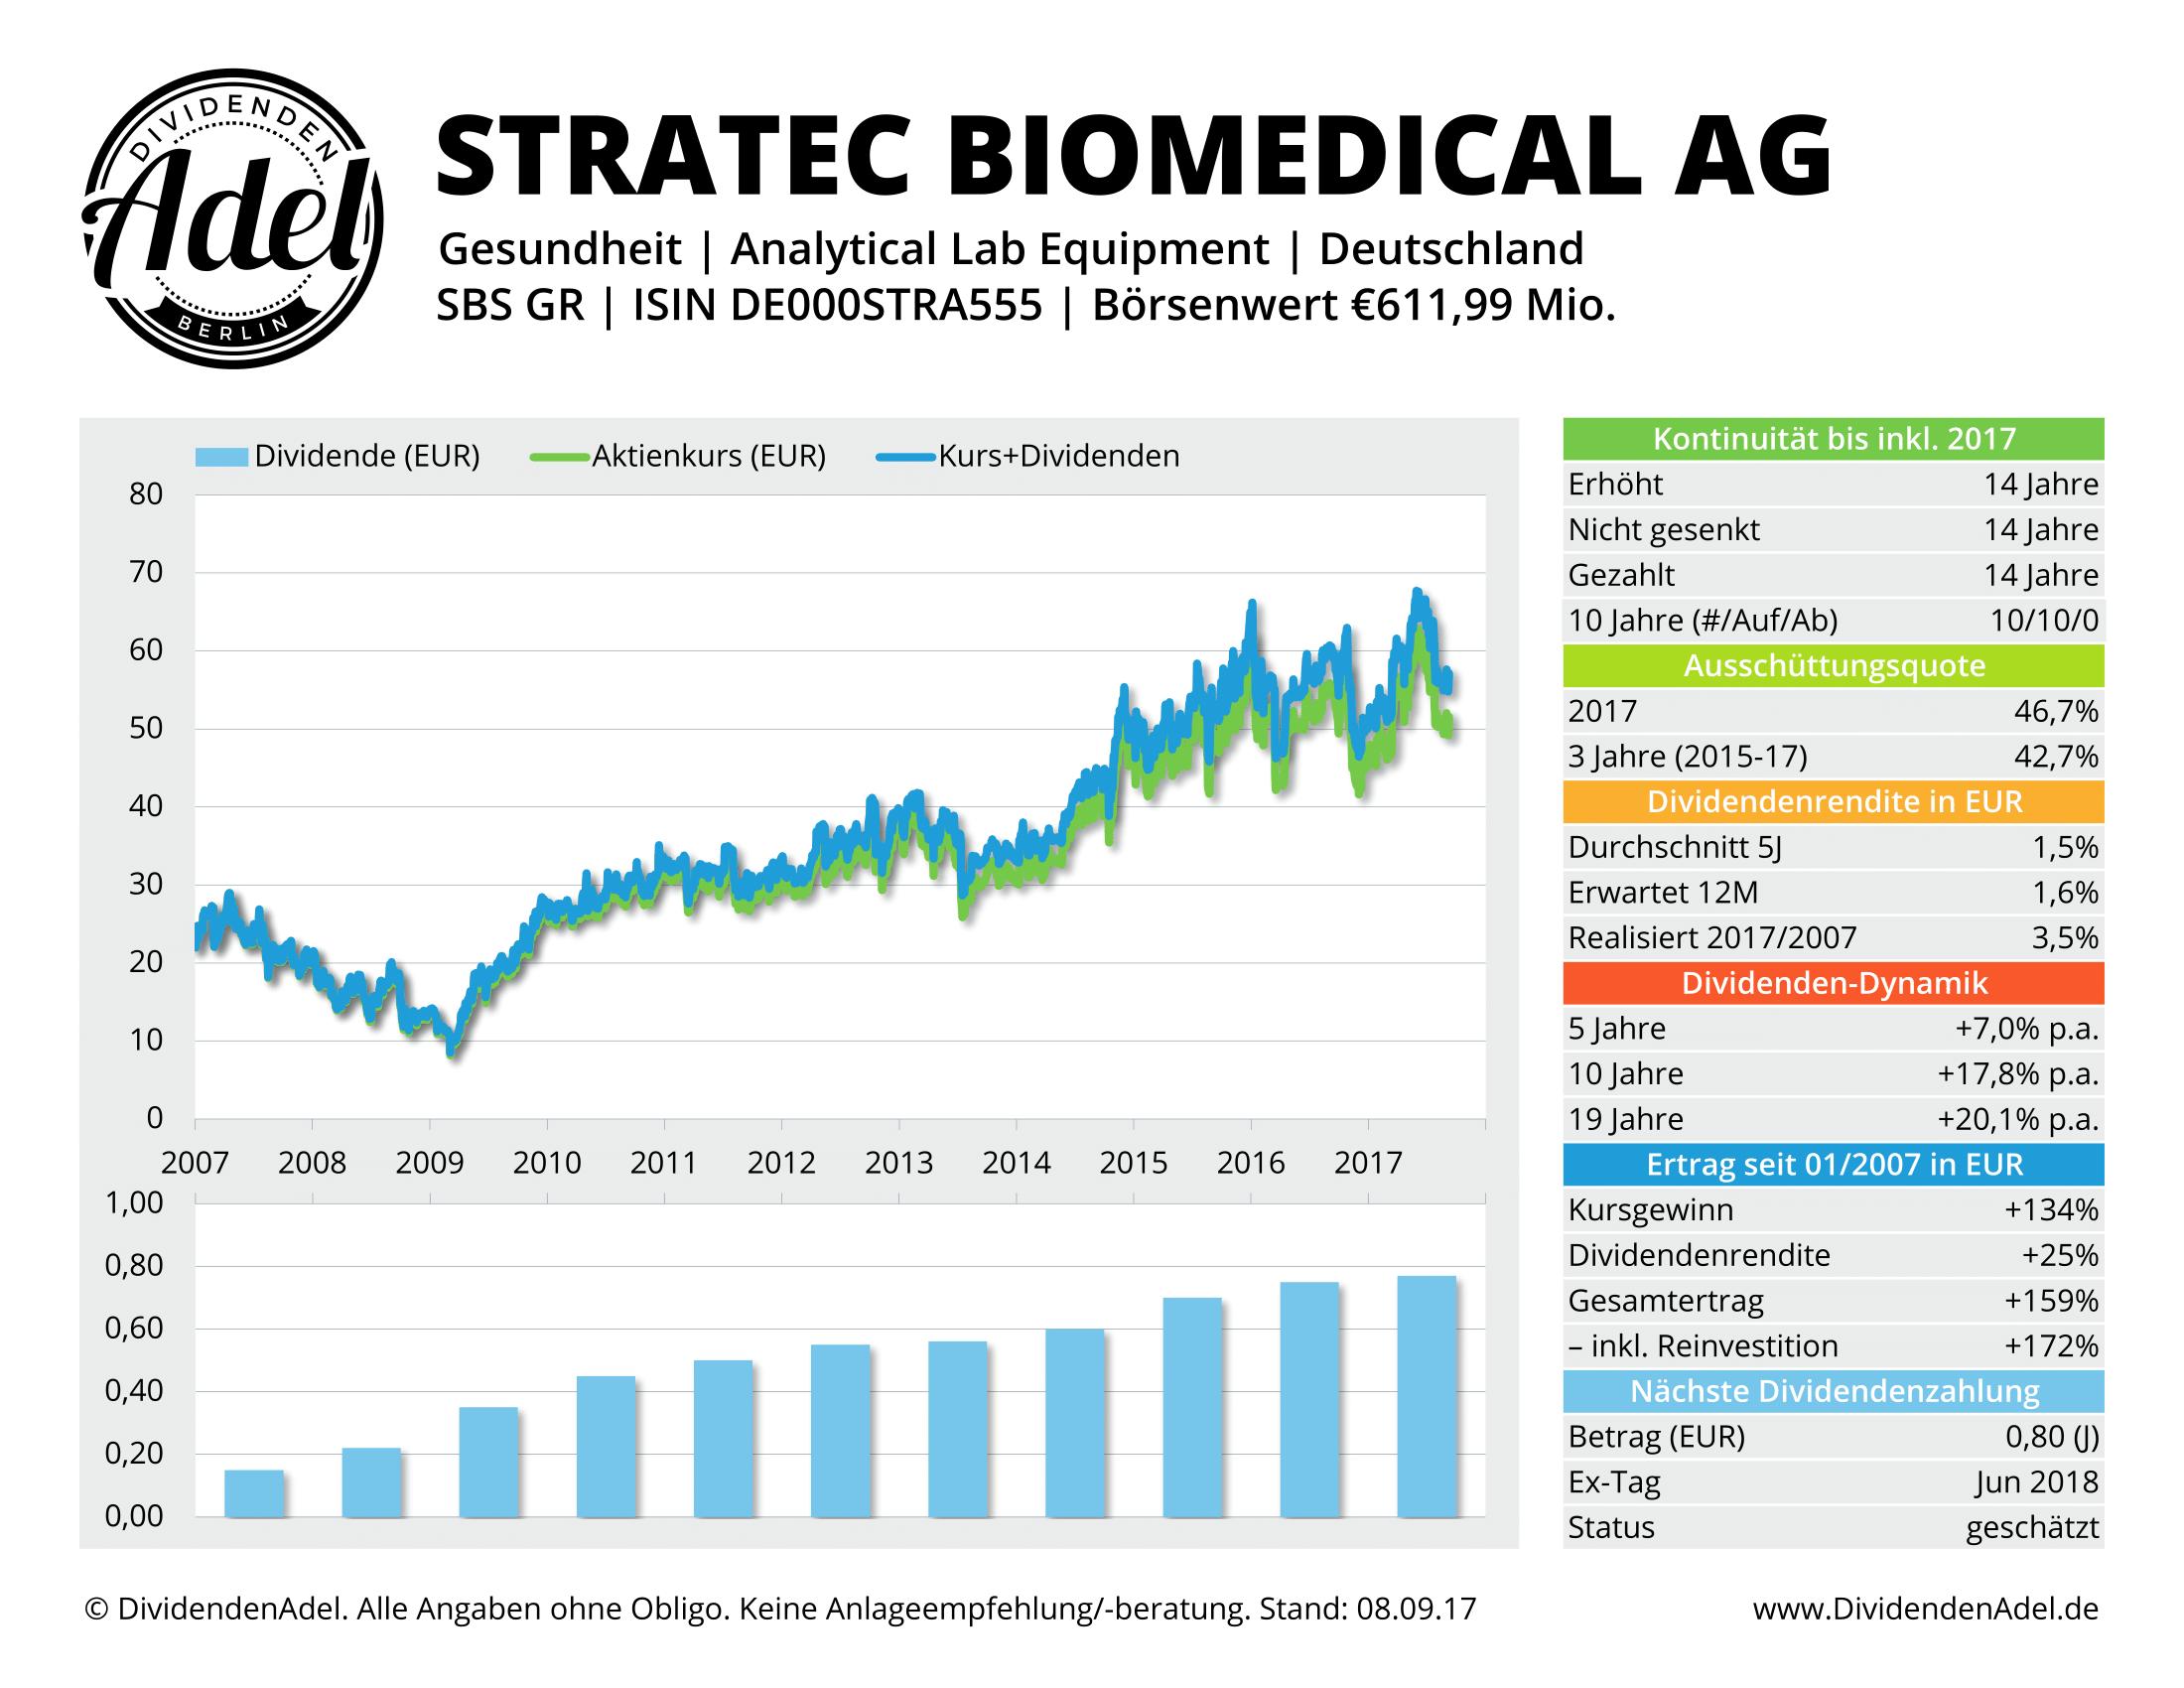 STRATEC BIOMEDIC DividendenAdel-Profil